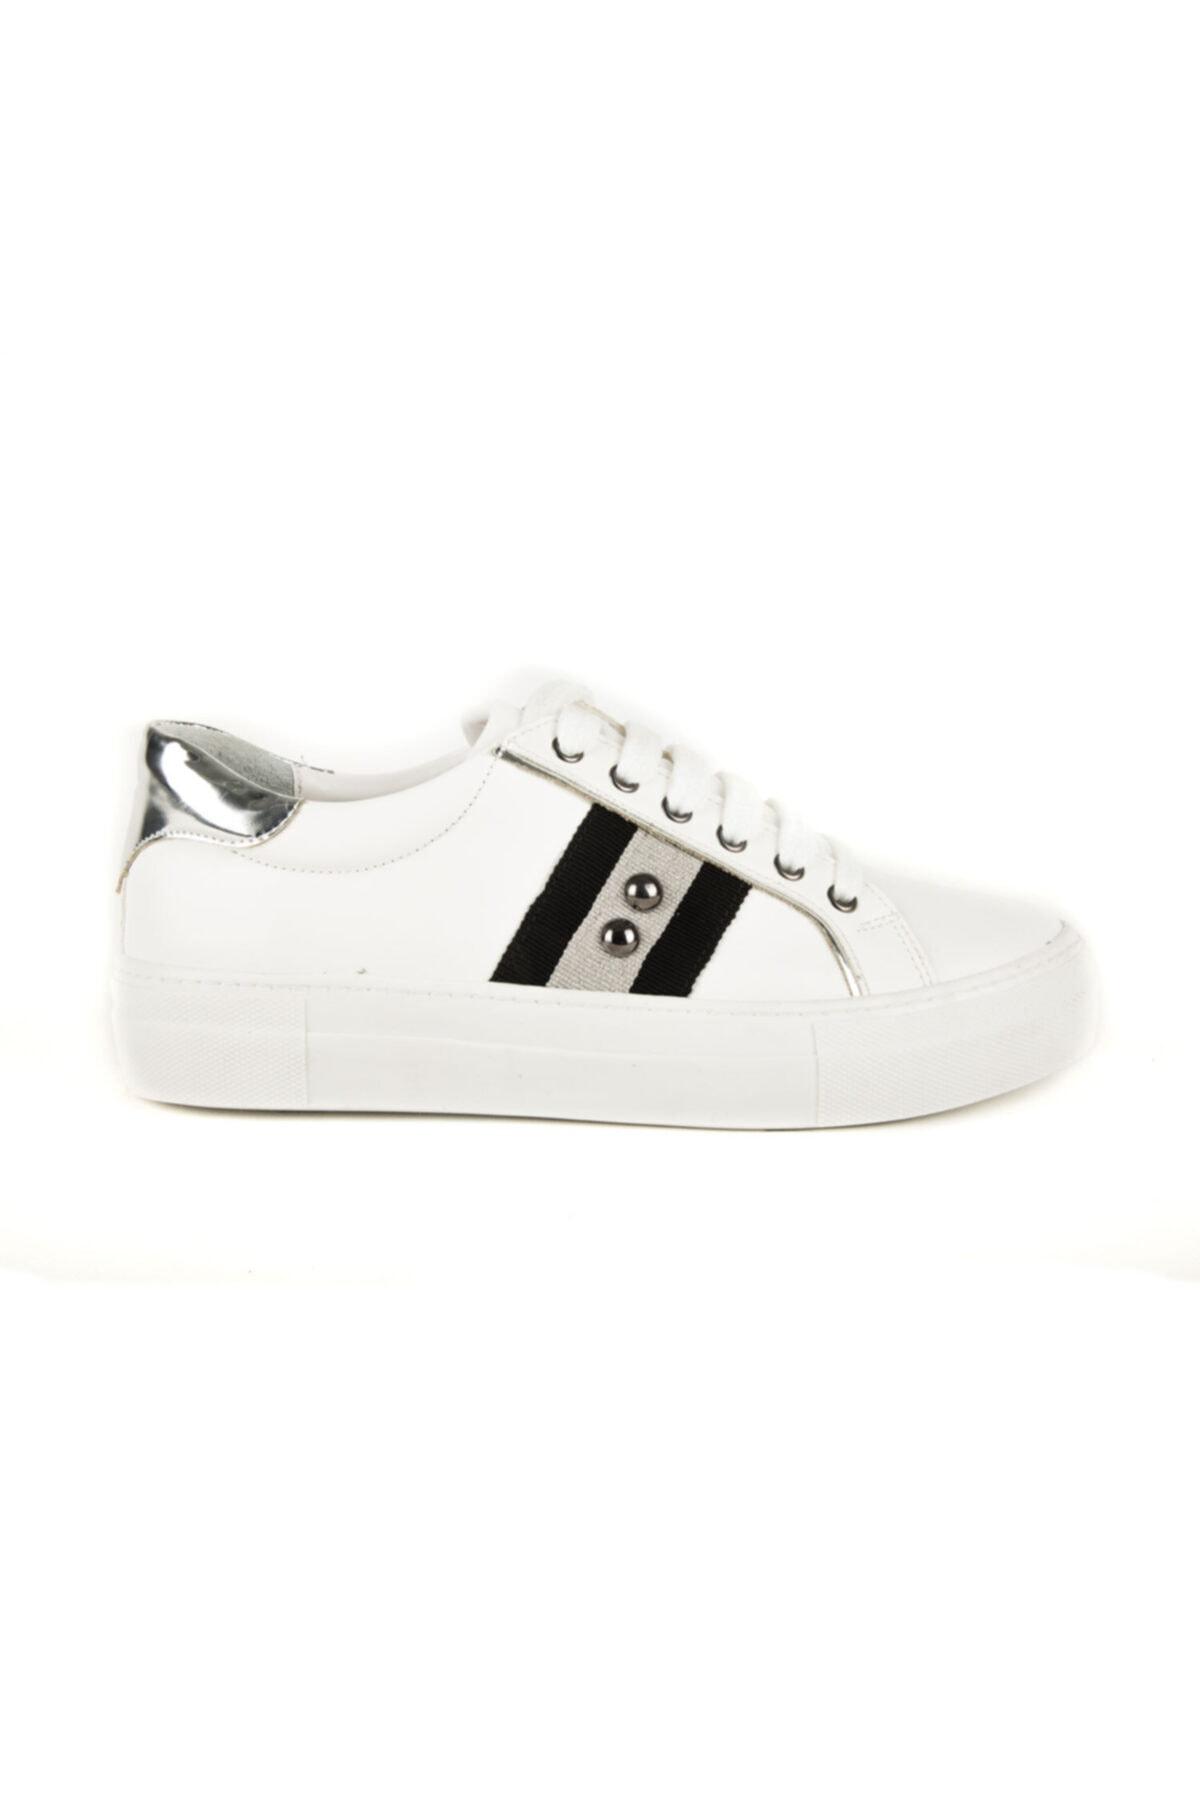 DİVUM Beyaz Spor Ayakkabı 1